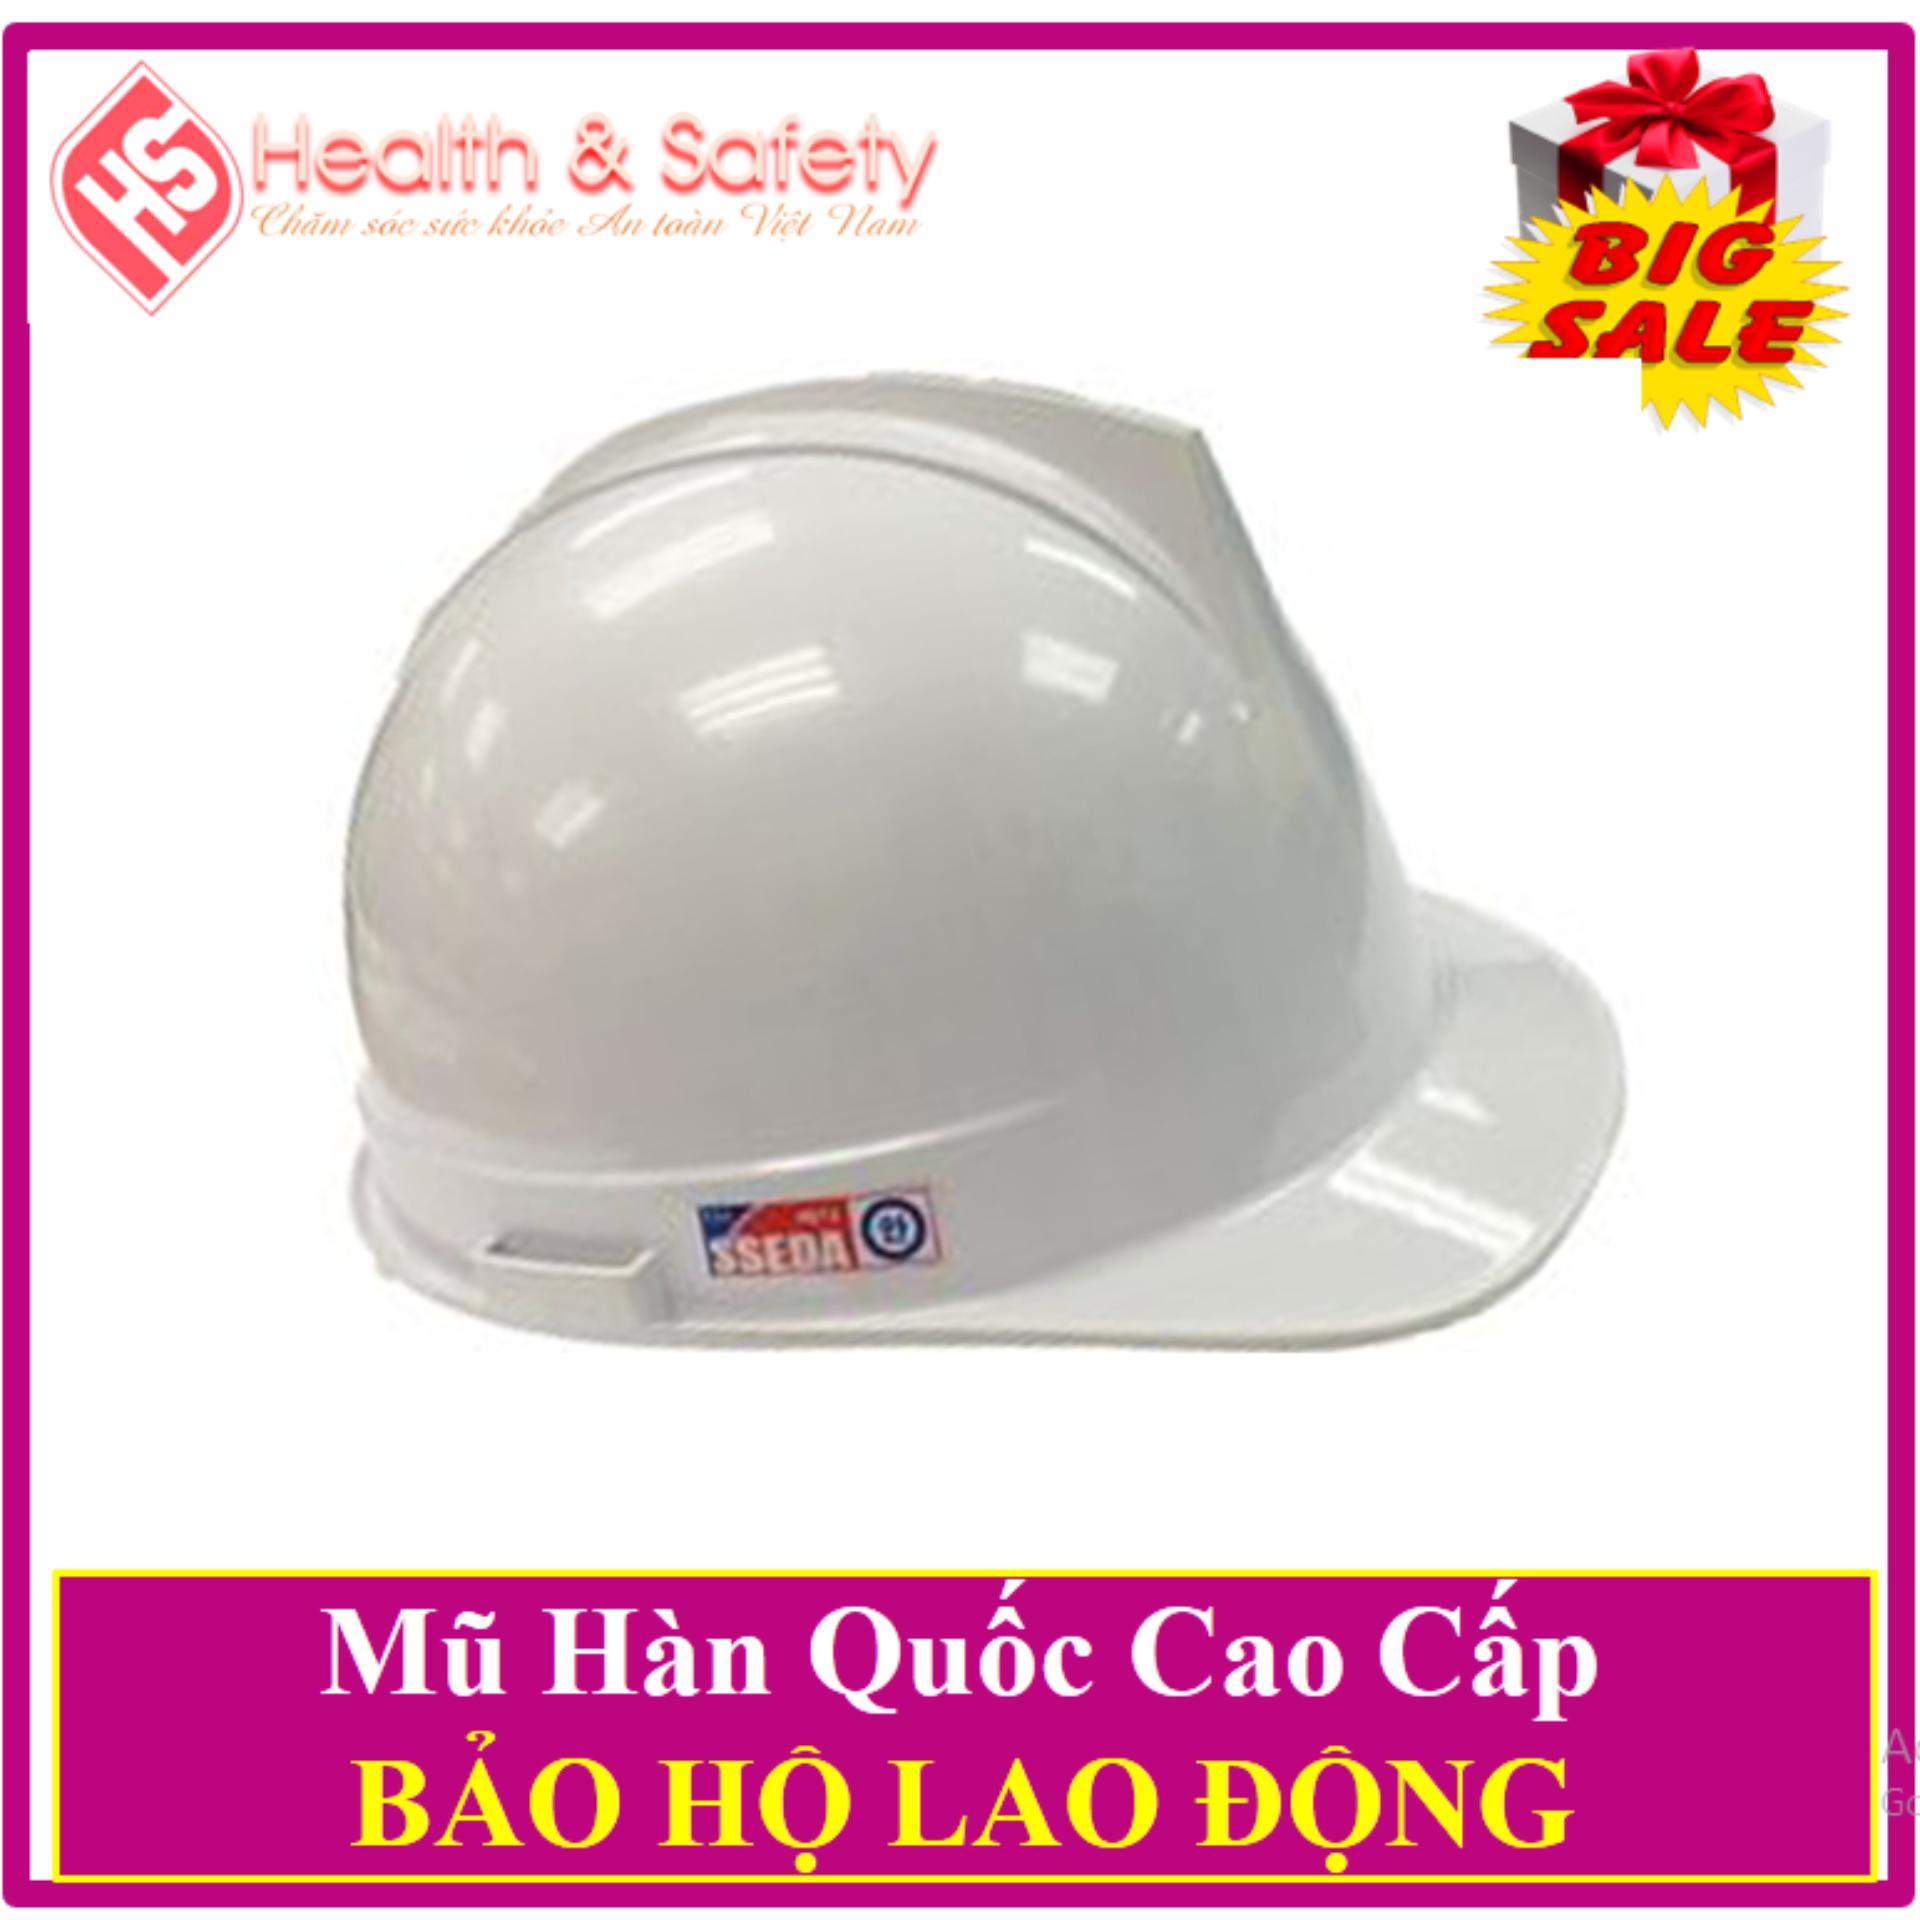 Mũ Bảo Hộ Hàn Quốc SSEDA- Tặng 01 Đôi Găng Tay Len bảo Hộ lao Động